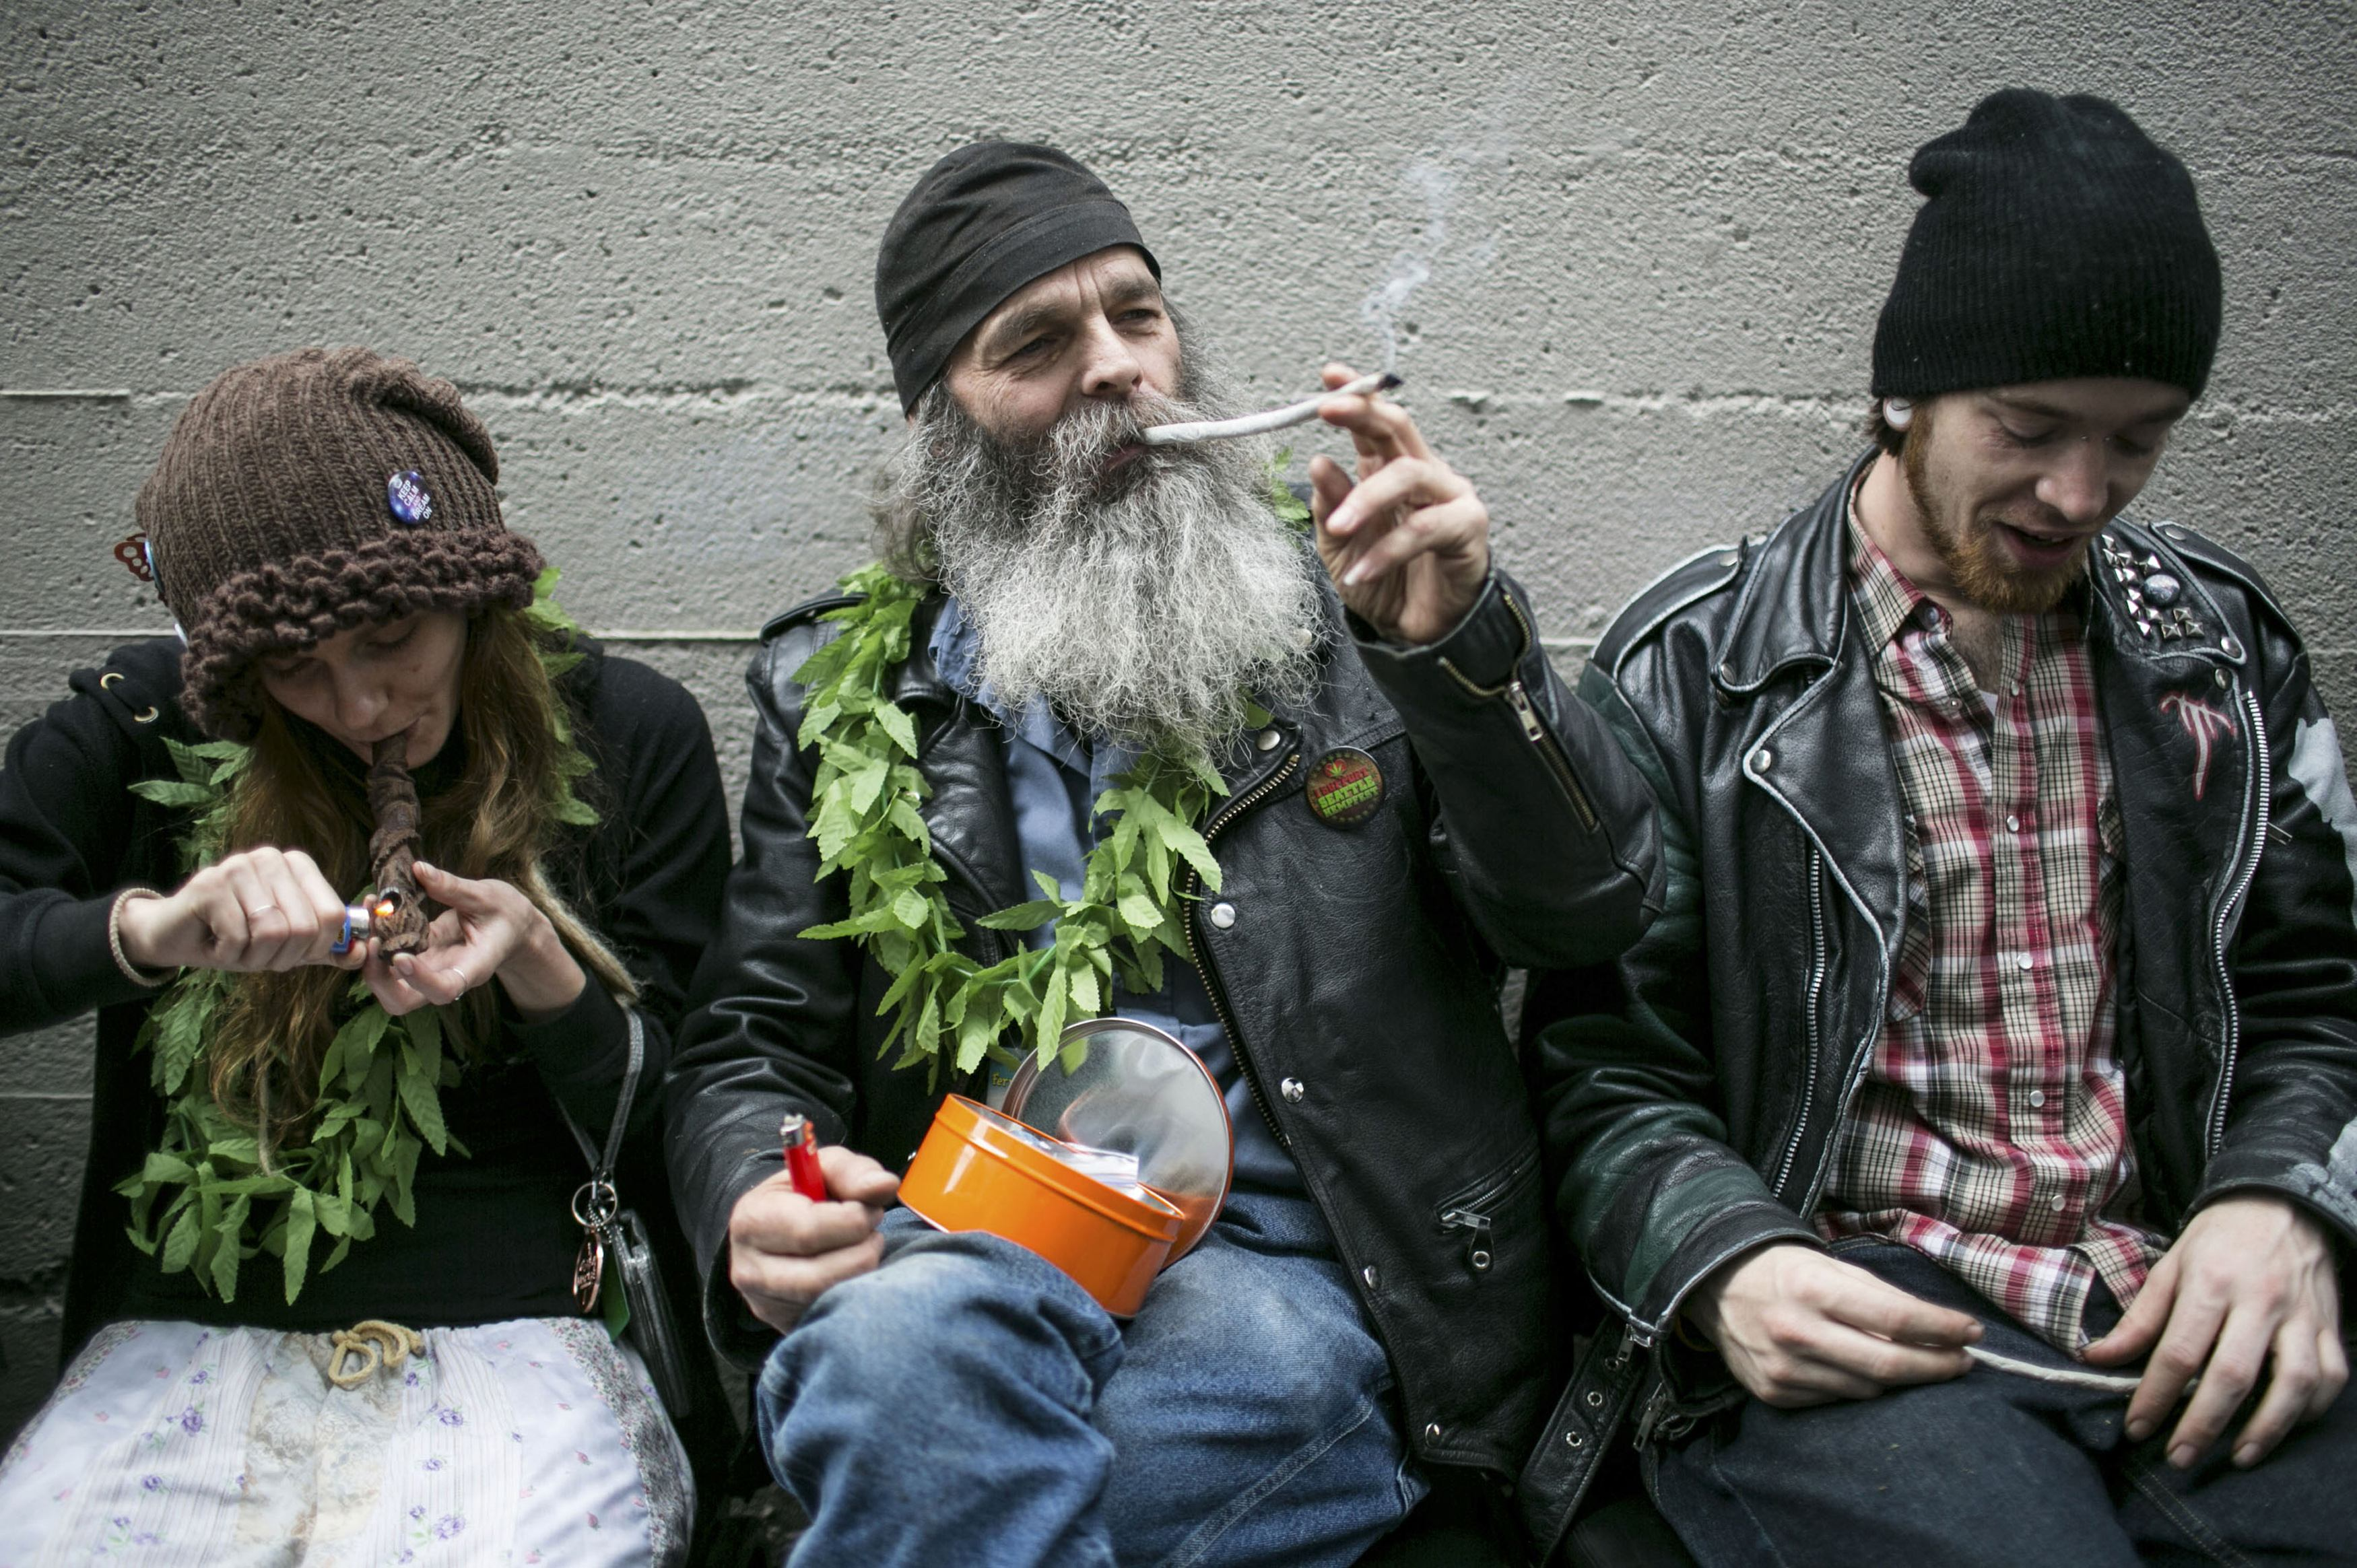 Легализация марихуаны в США и сравнение  с тем, как в других странах готовятся к этому процессу.